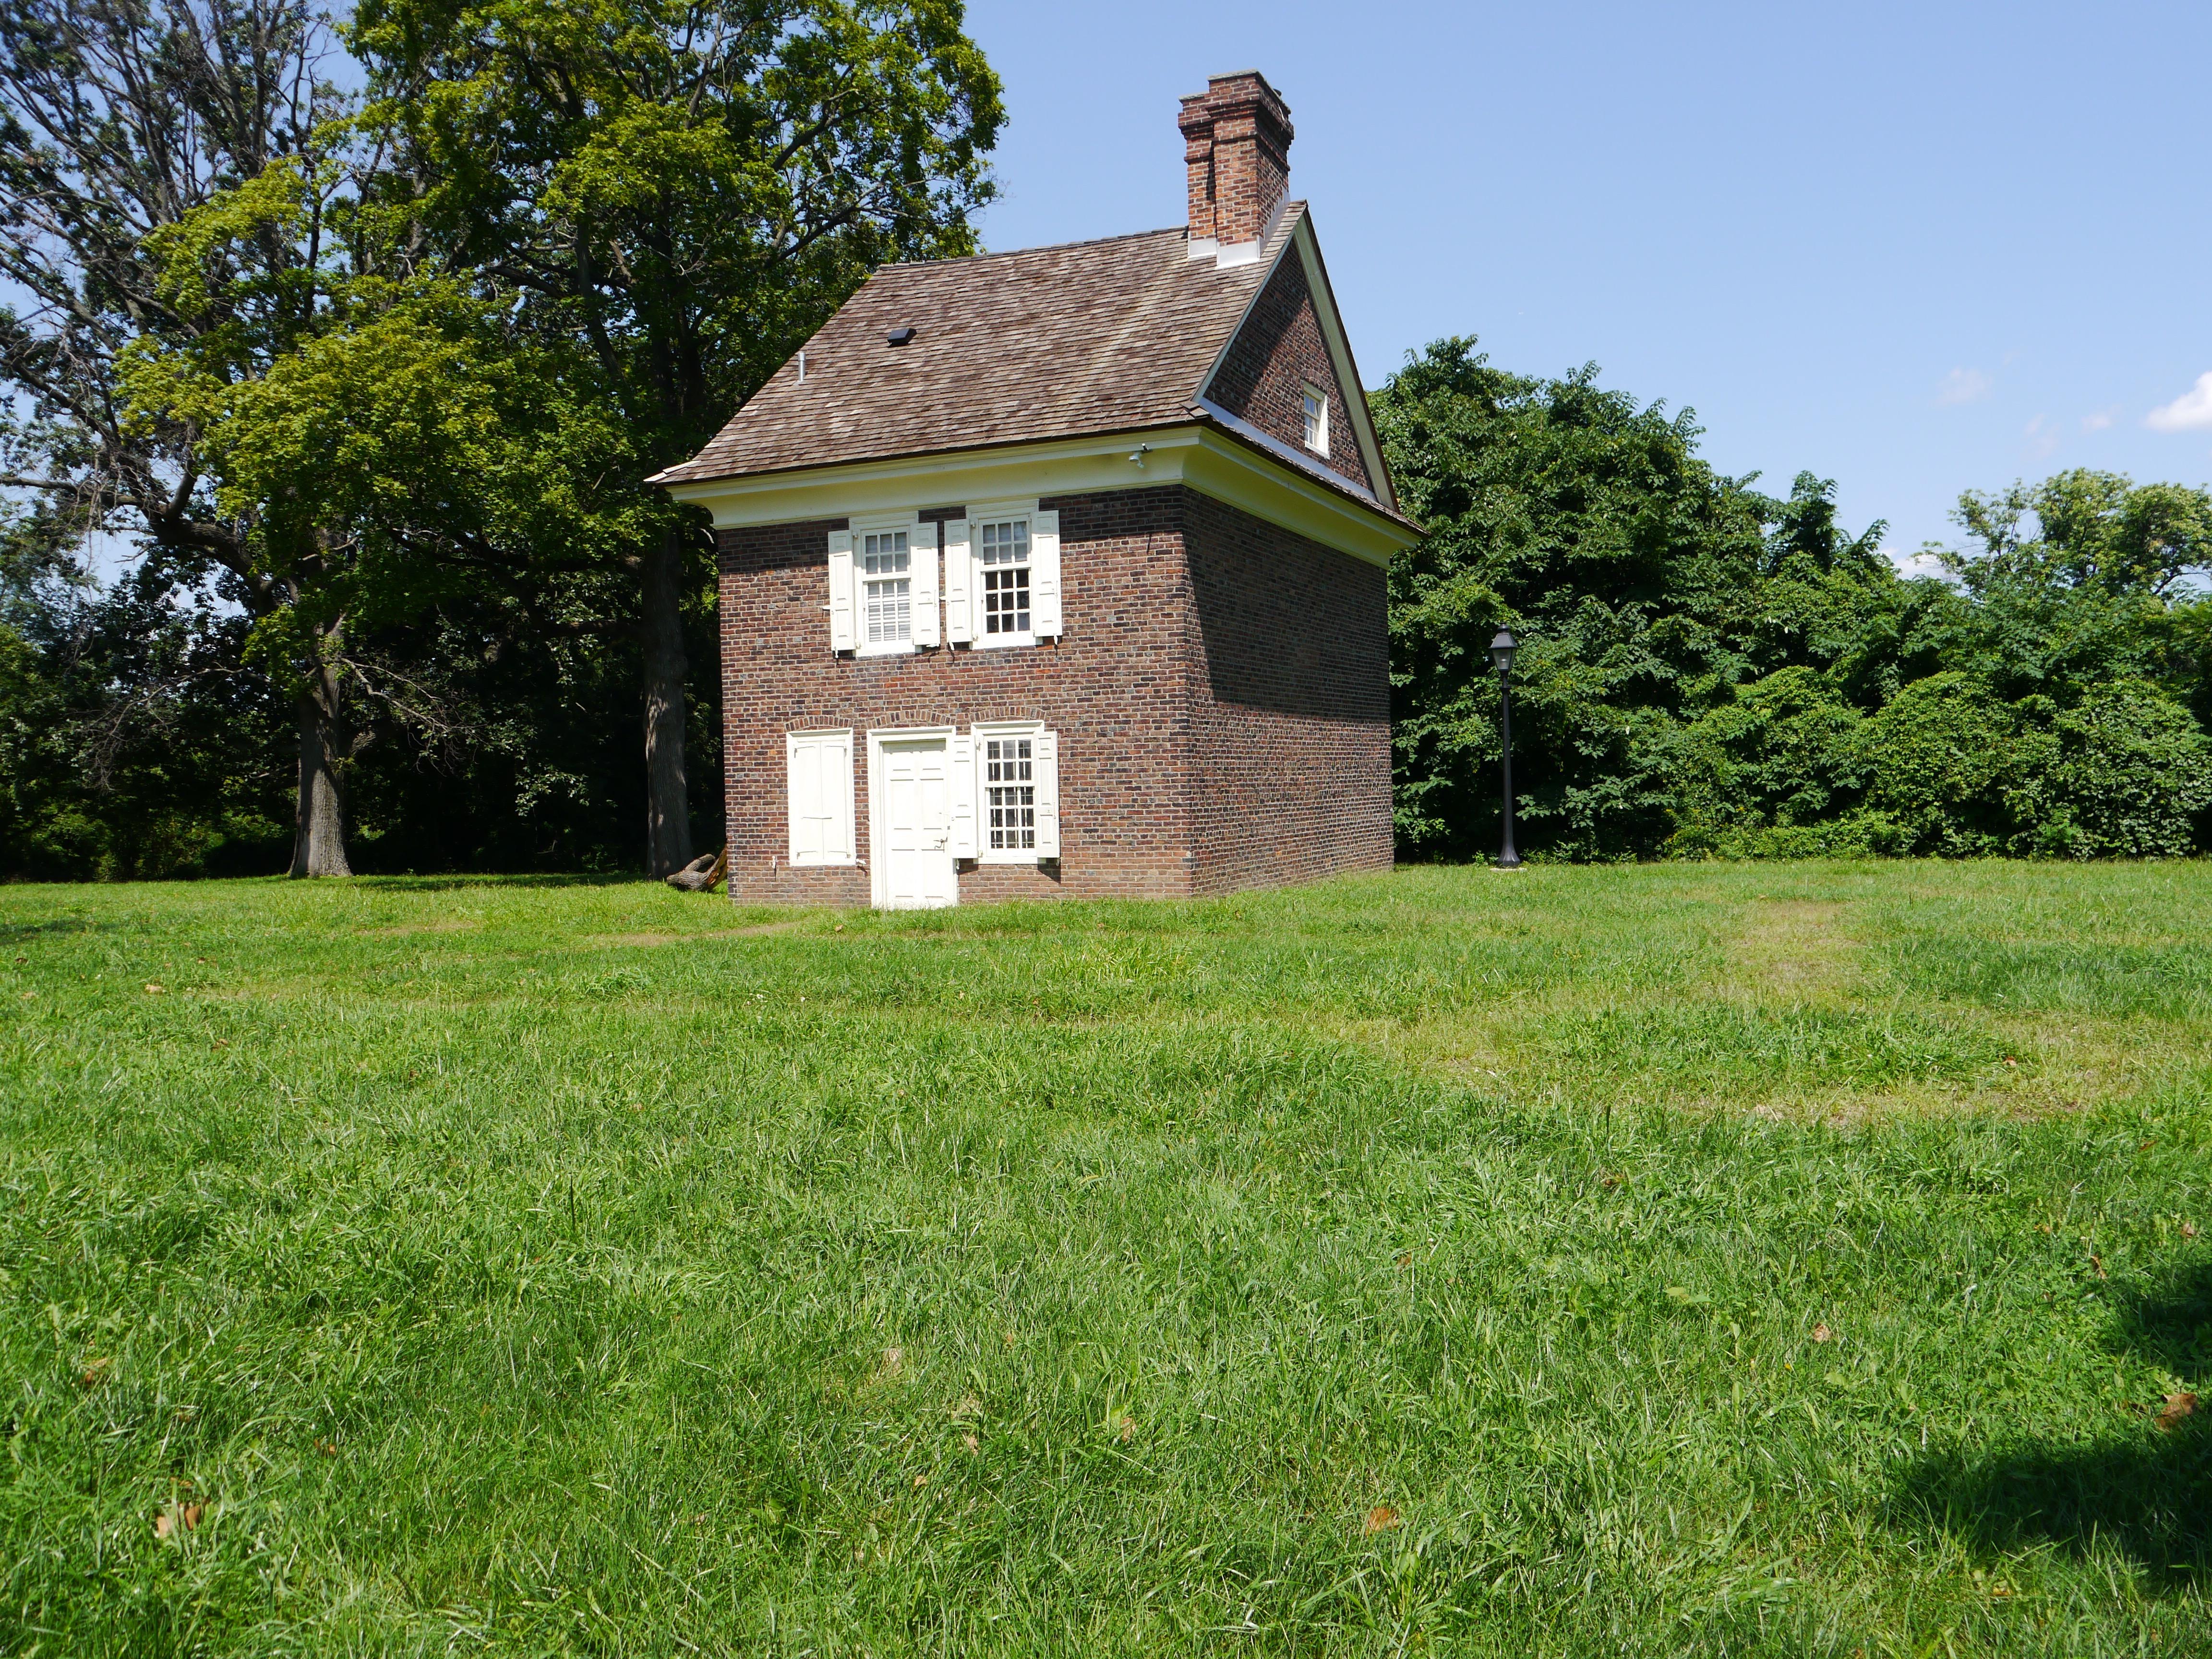 Letitia House rehabilitation wins Preservation Achievement